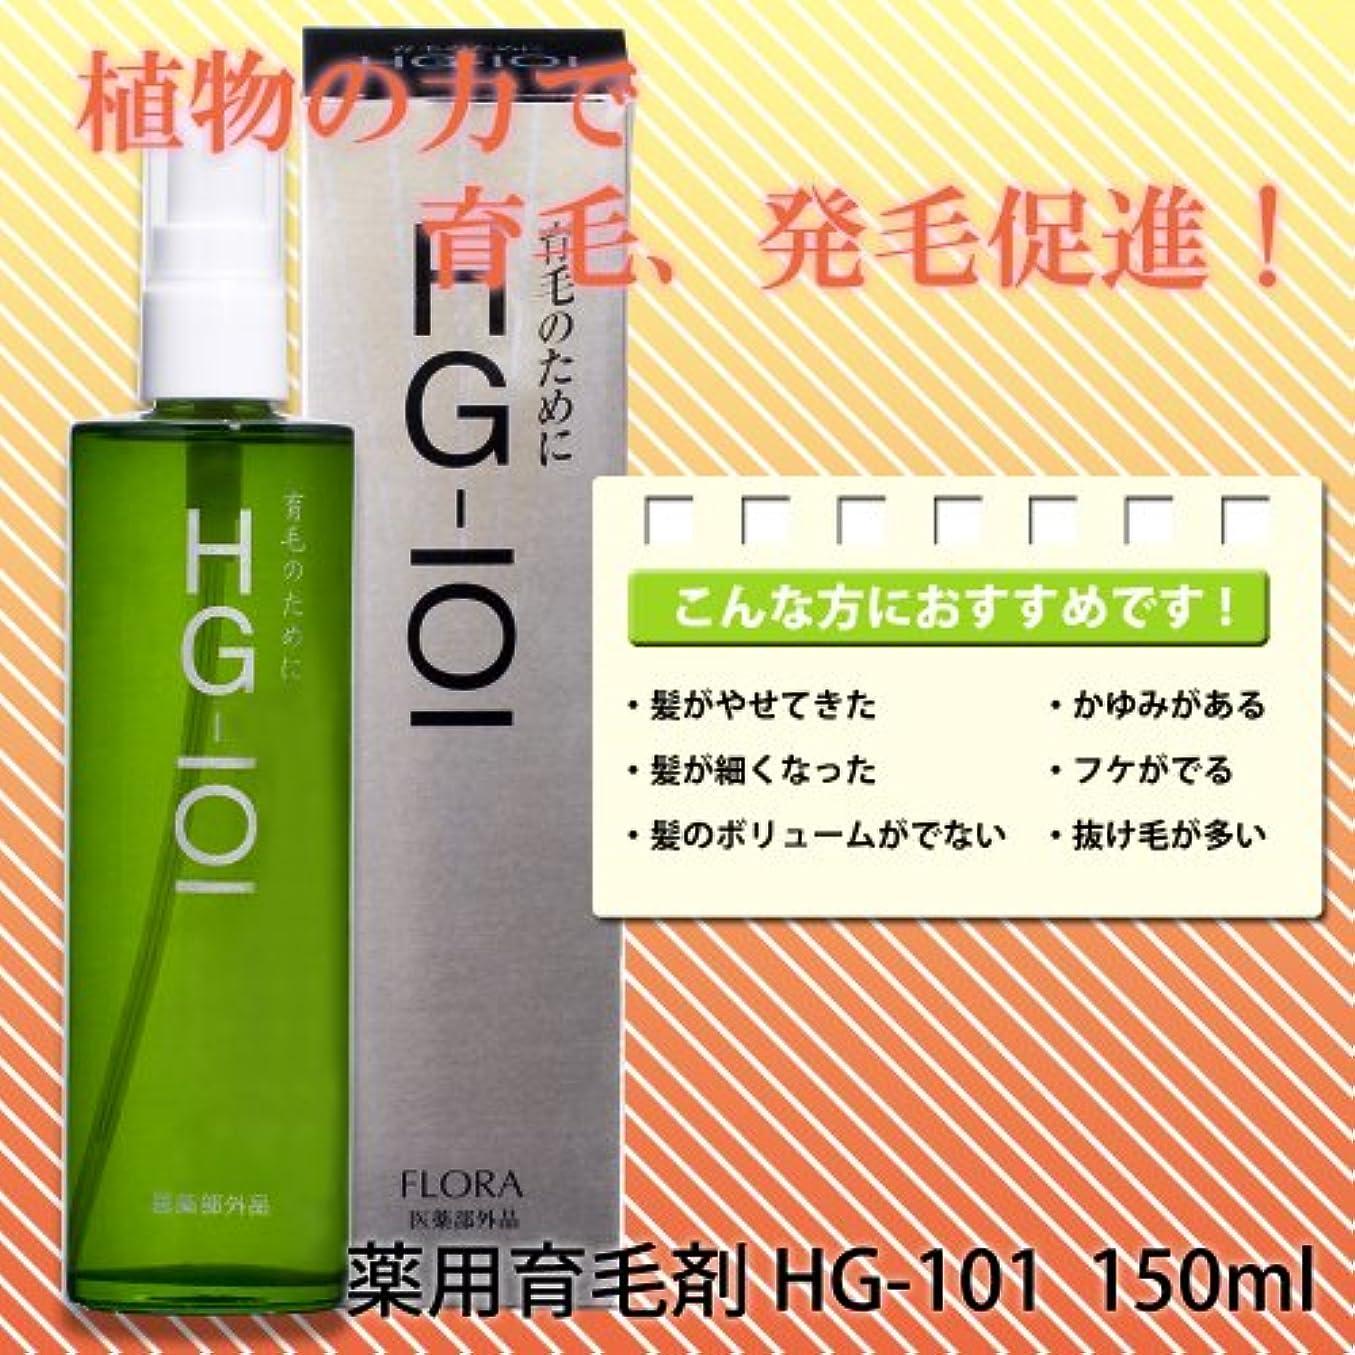 ウェーハ究極の累計薬用育毛剤HG-101 150ml